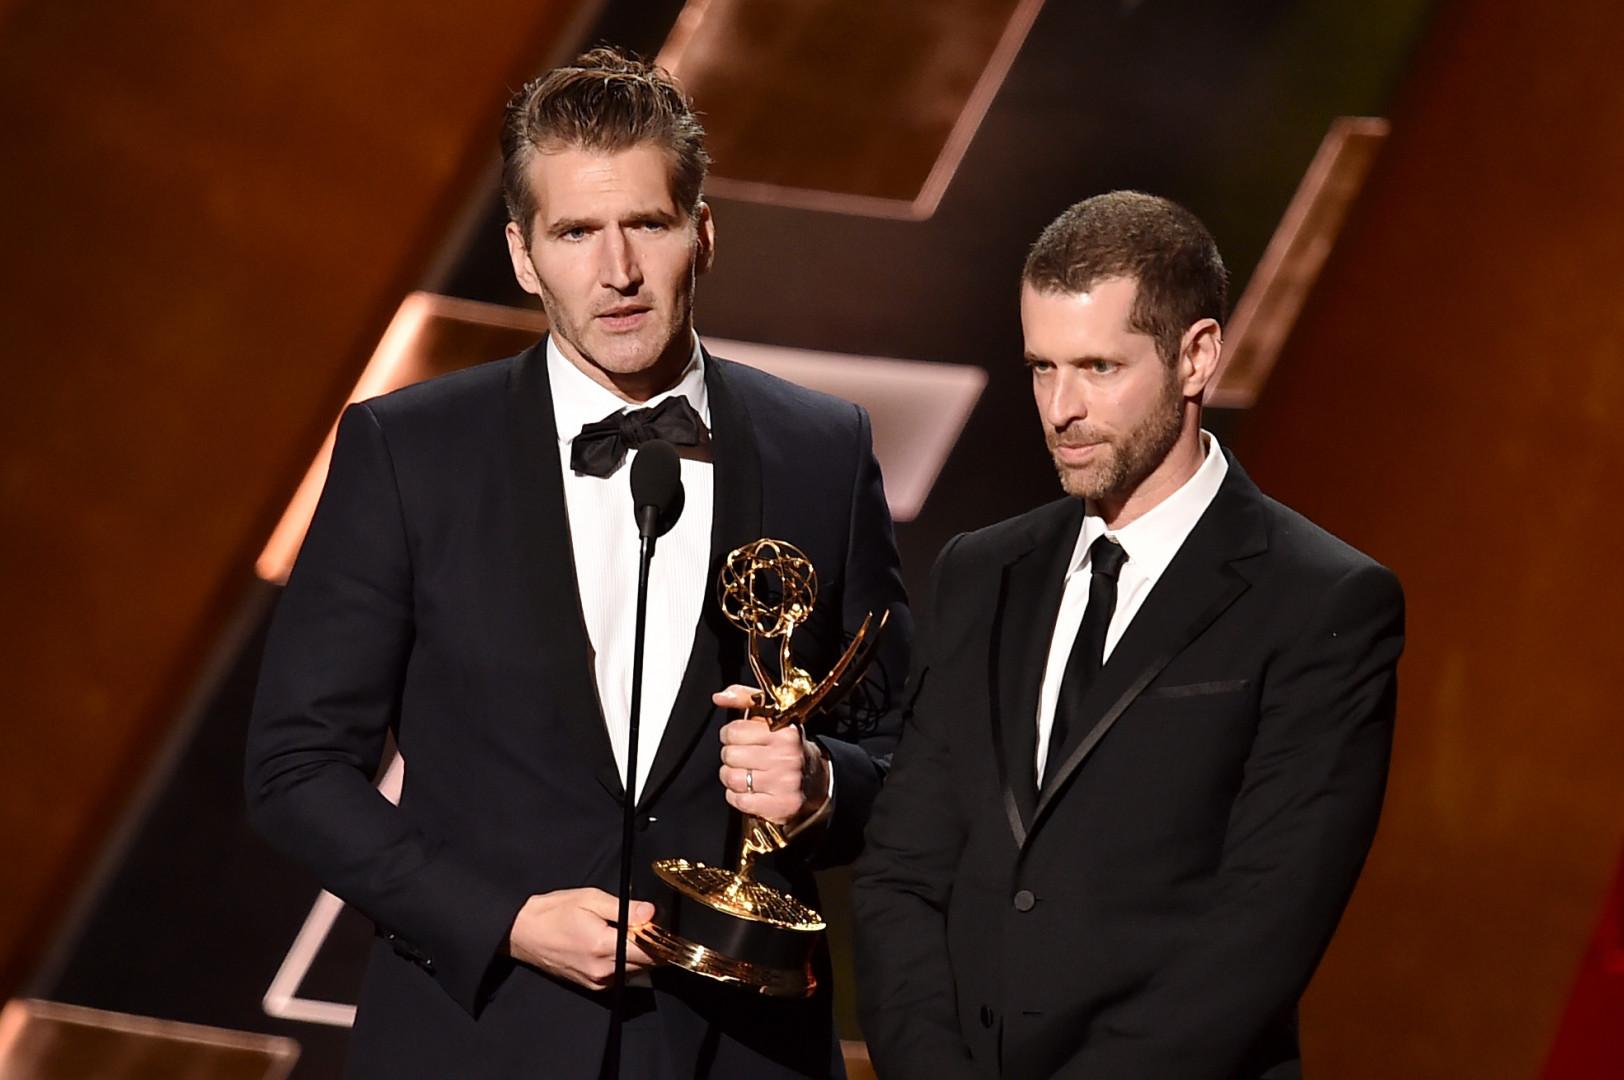 """Les coscénaristes de """"Game of Thrones"""", David Benioff et D.B. Weiss, sont montés sur la scène du théâtre pour récupérer leur prix"""